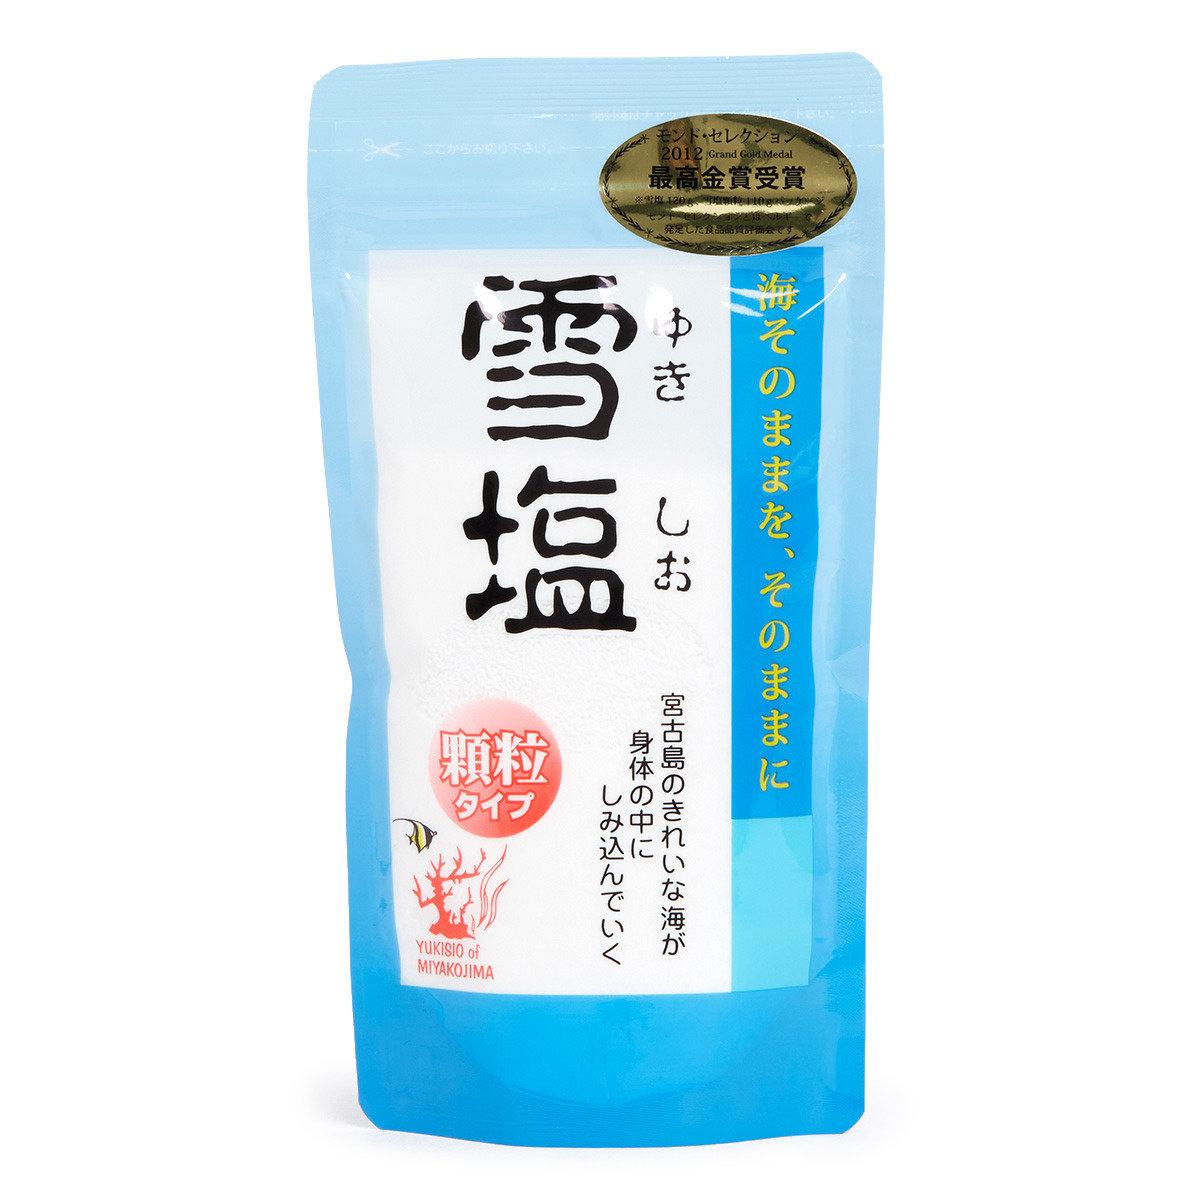 沖繩雪鹽顆粒